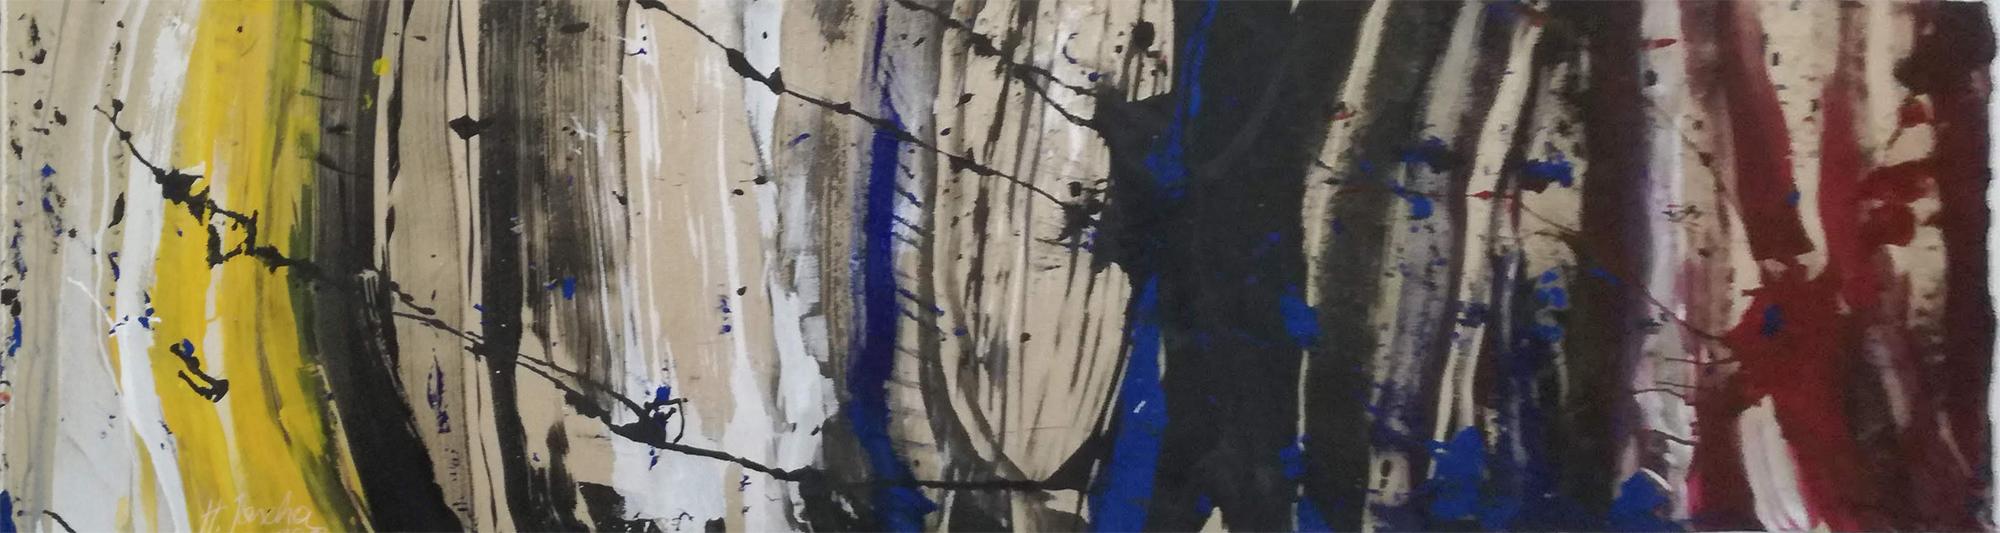 Zeitraster - Tusche und Acryl auf Leinwand 120x50cm - 2017